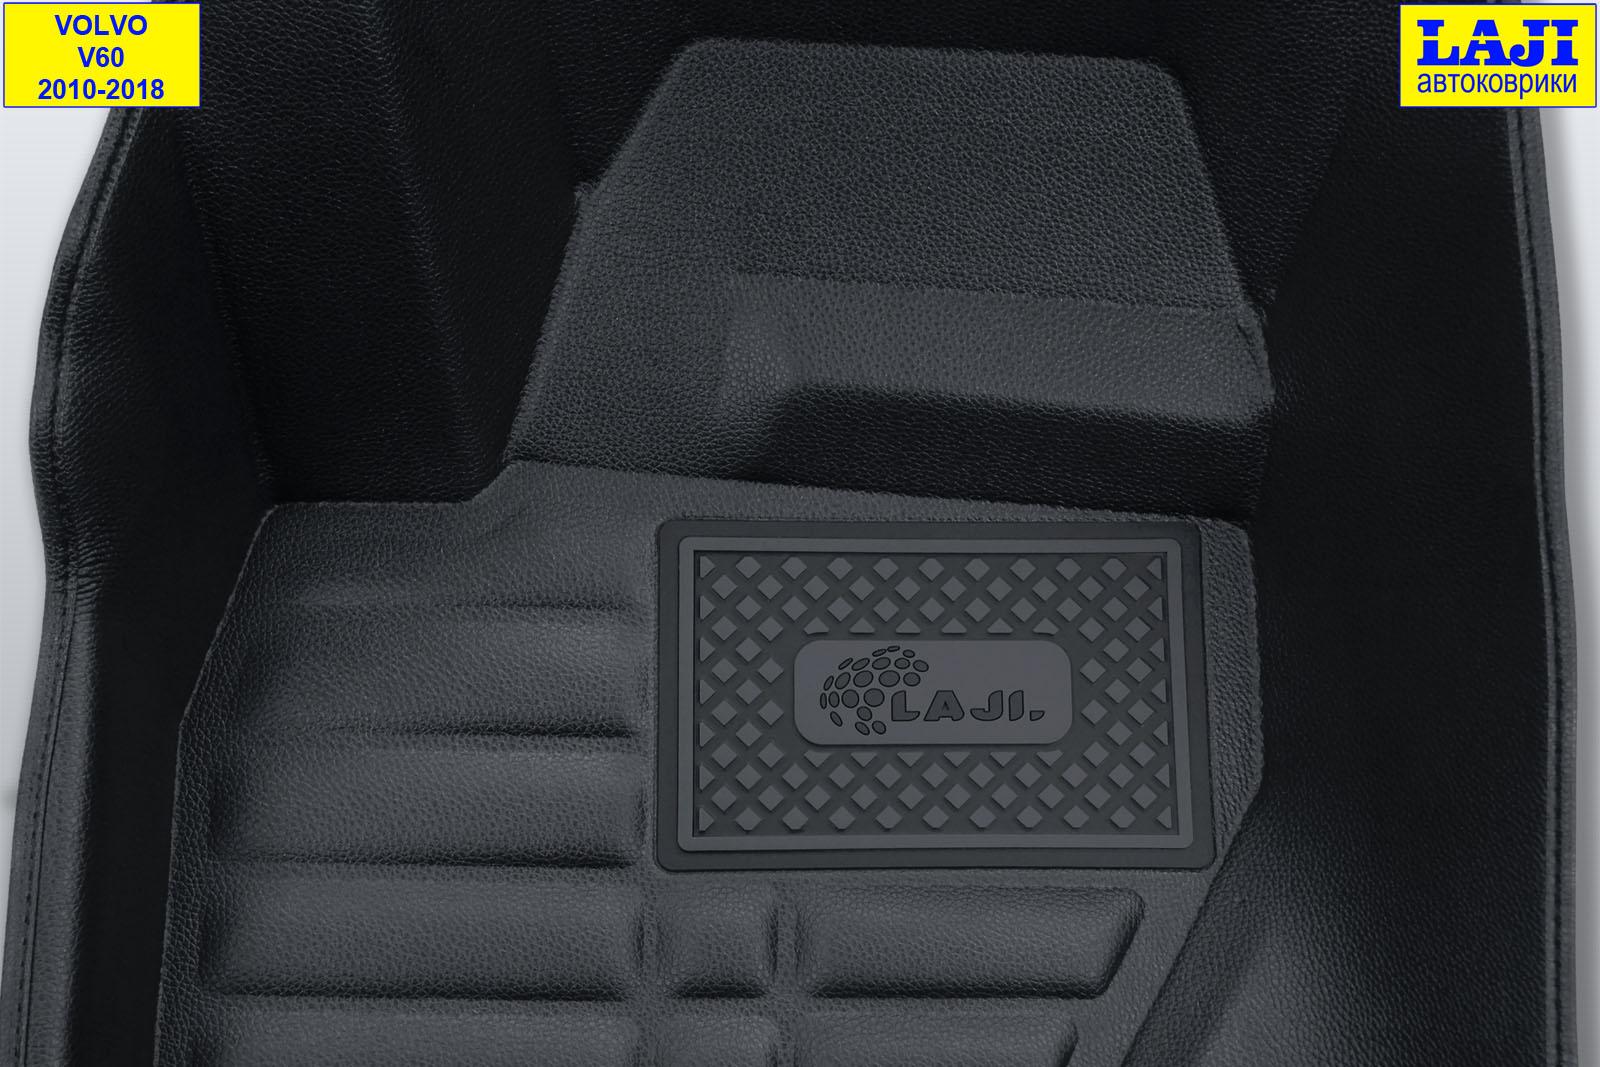 5D коврики в салон Volvo V60 I 2010-2018 7